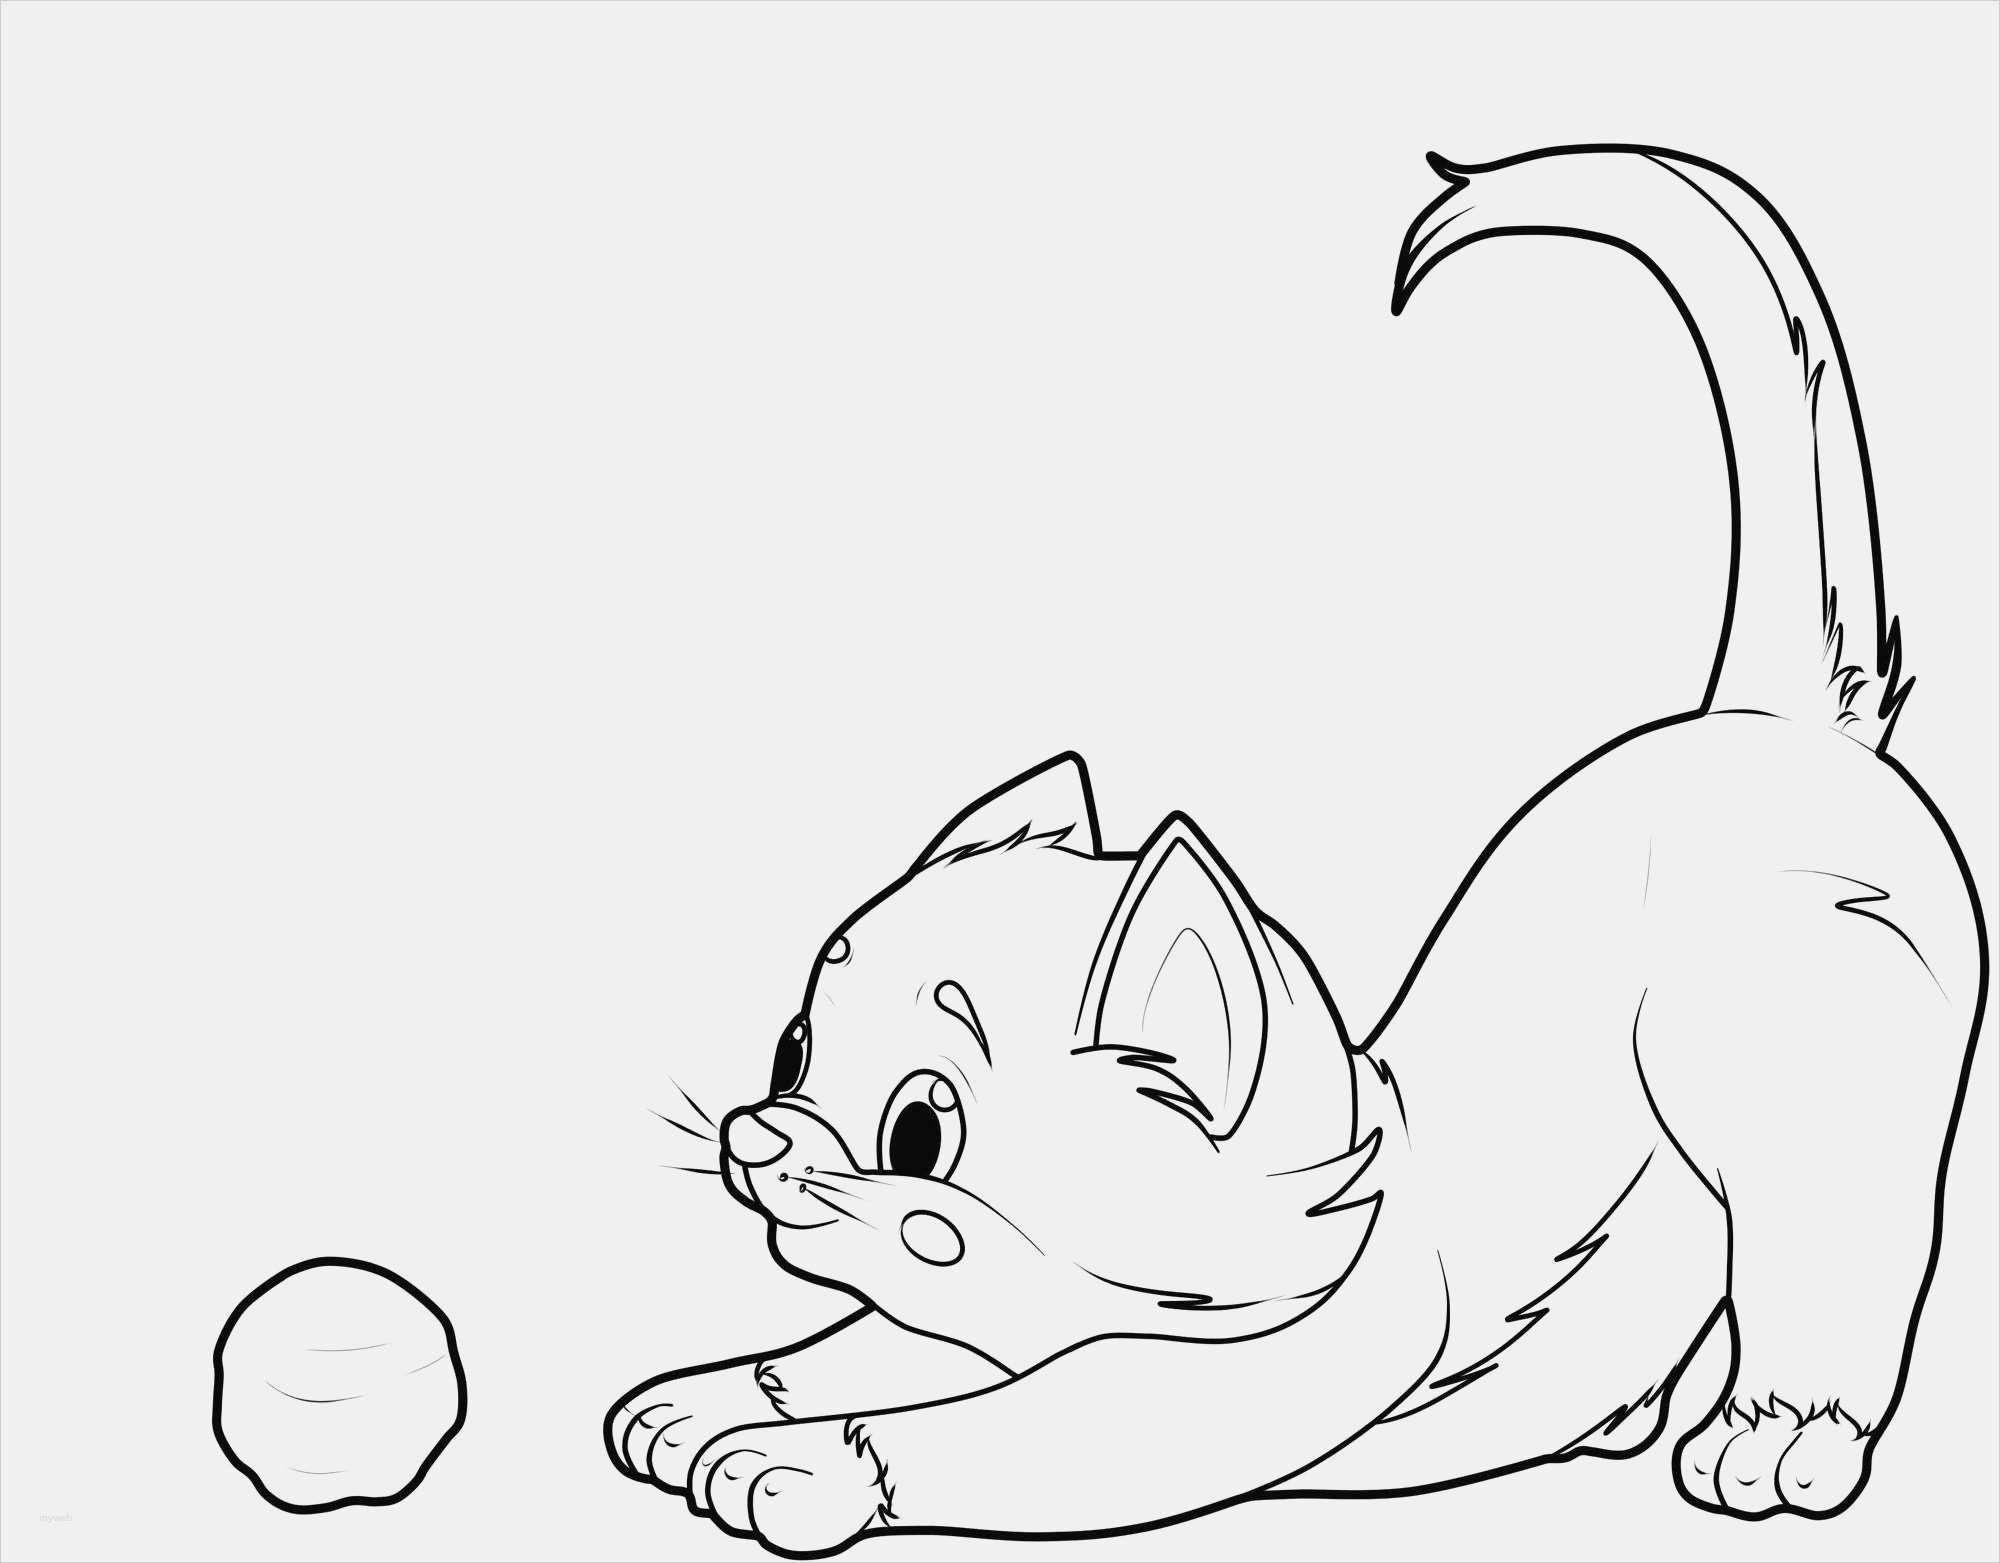 Katzen Malen Vorlagen Wunderbar Kostenlose Malvorlage Katzen Katze